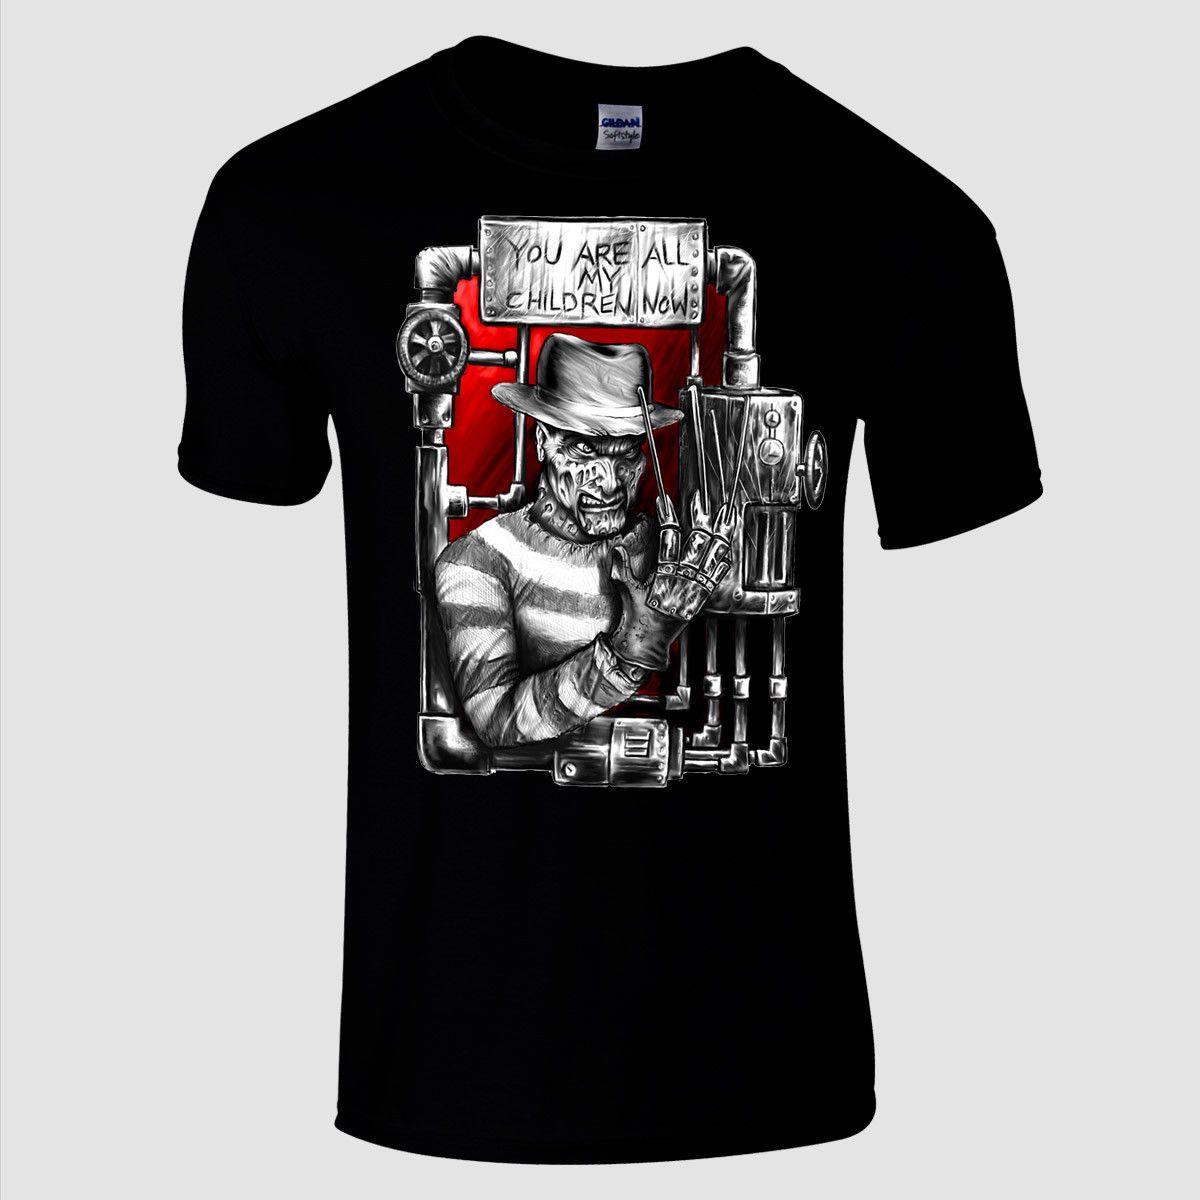 Freddy Krueger Sie sind alle meine Kinder Premium-schwarz regular fit Horror-T-Shirt kühle beiläufige Stolz T-Shirt Männer Unisex